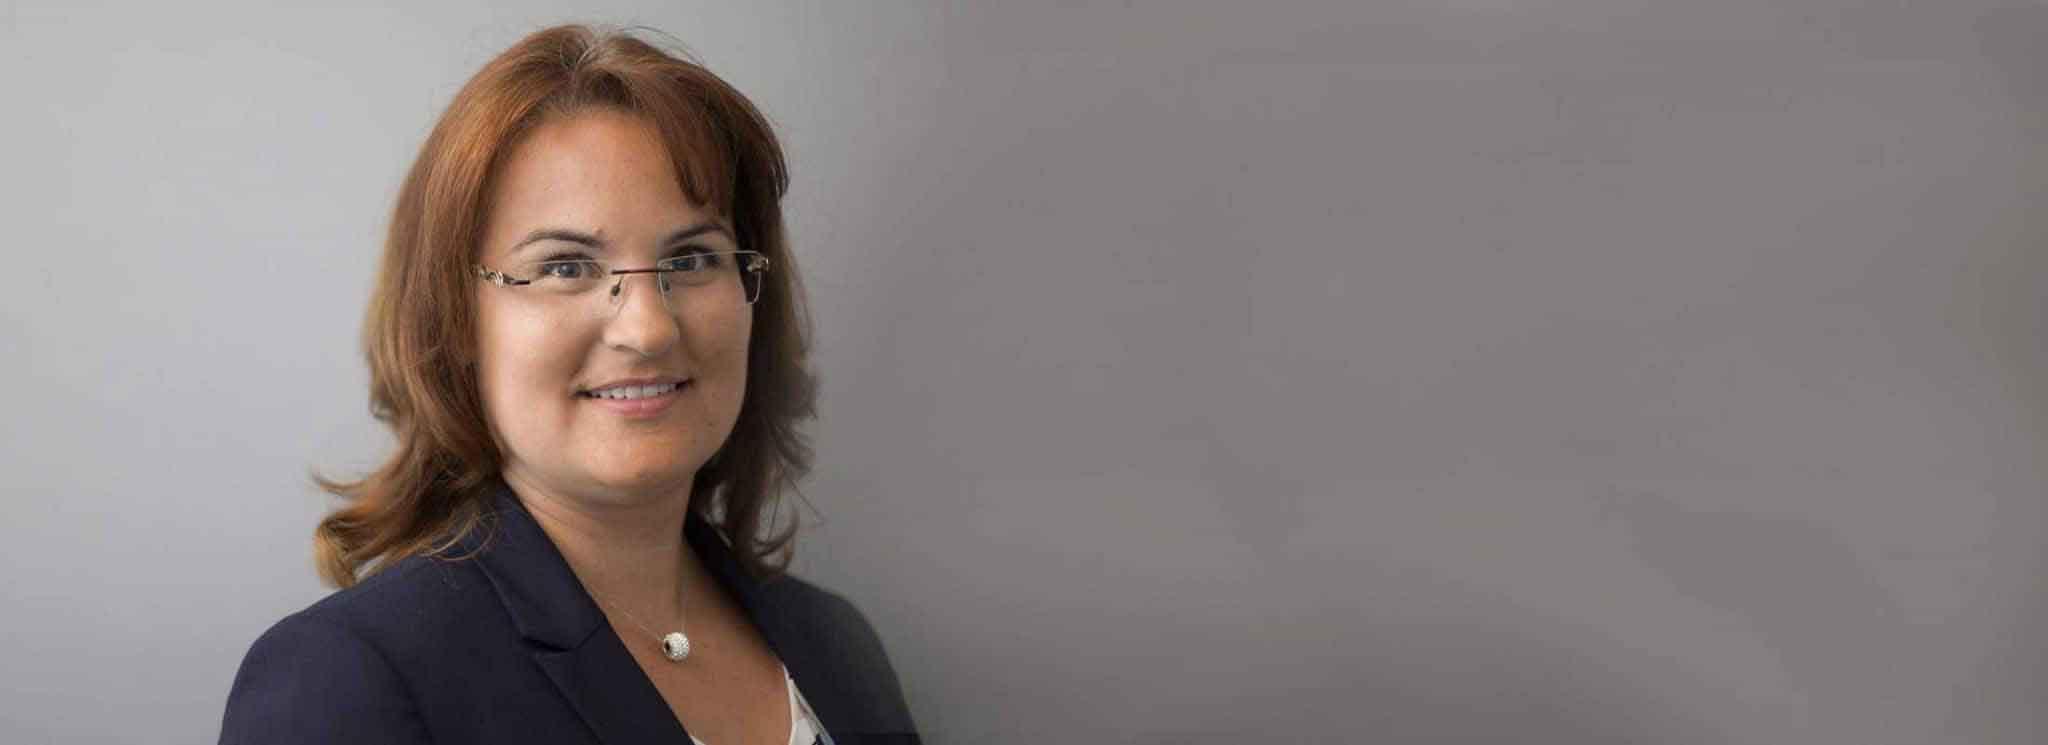 Rechtsanwältin und Partnerin Melanie Mathis